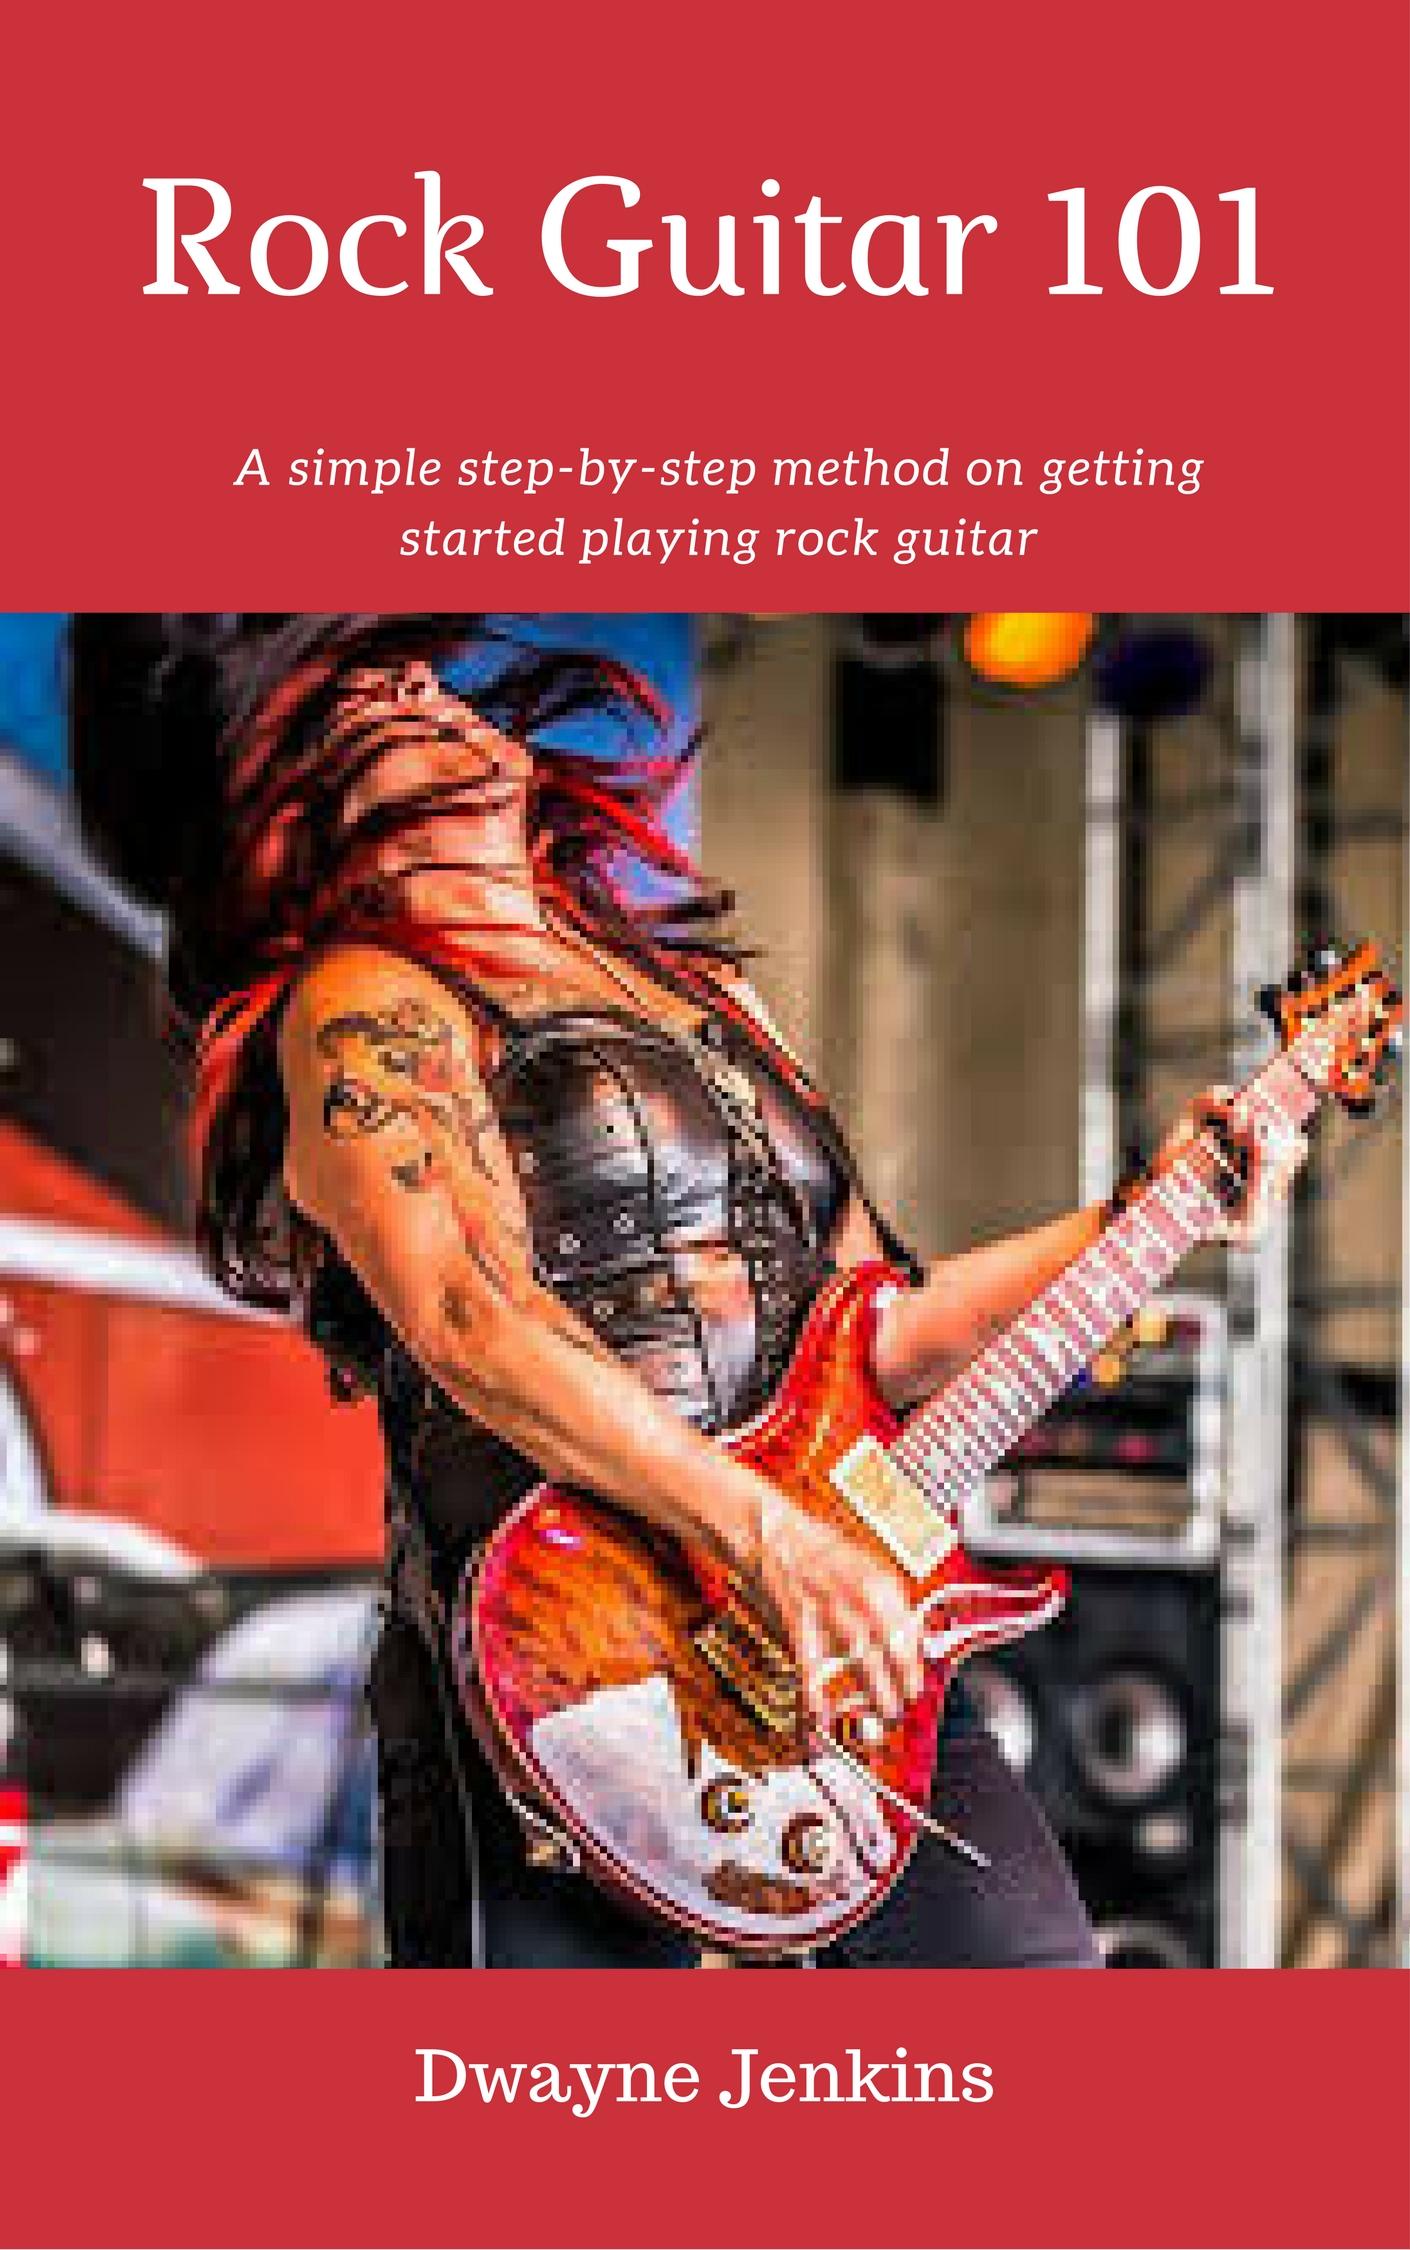 Rock Guitar 101